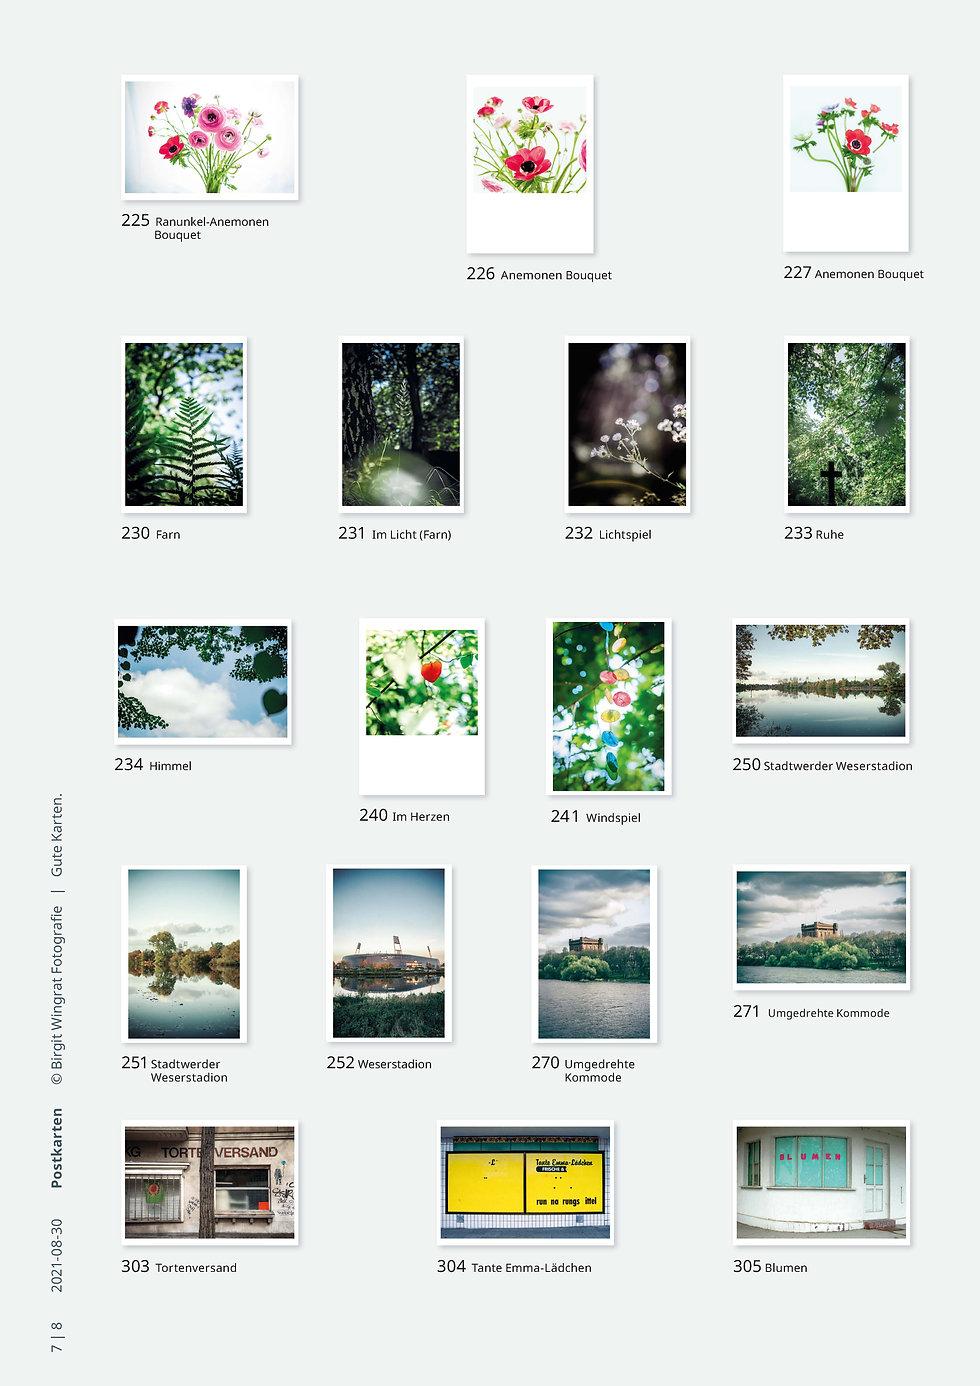 Gute Karten_PK_2021-08-30_Seite_7.jpg